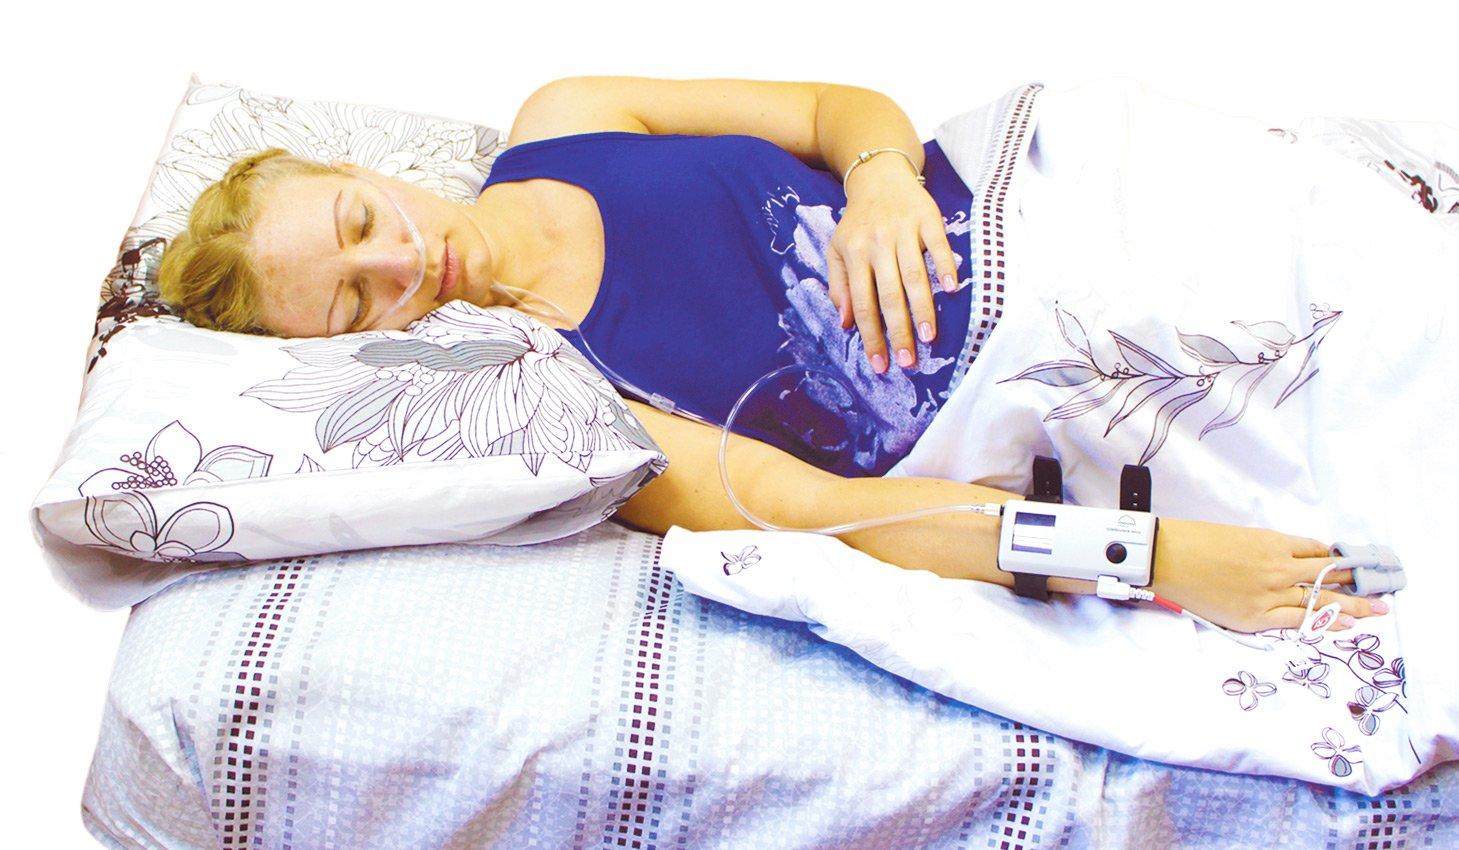 Так выглядит обследование на дому с использованием аппарата для скрининга нарушений сна SOMNOcheck micro